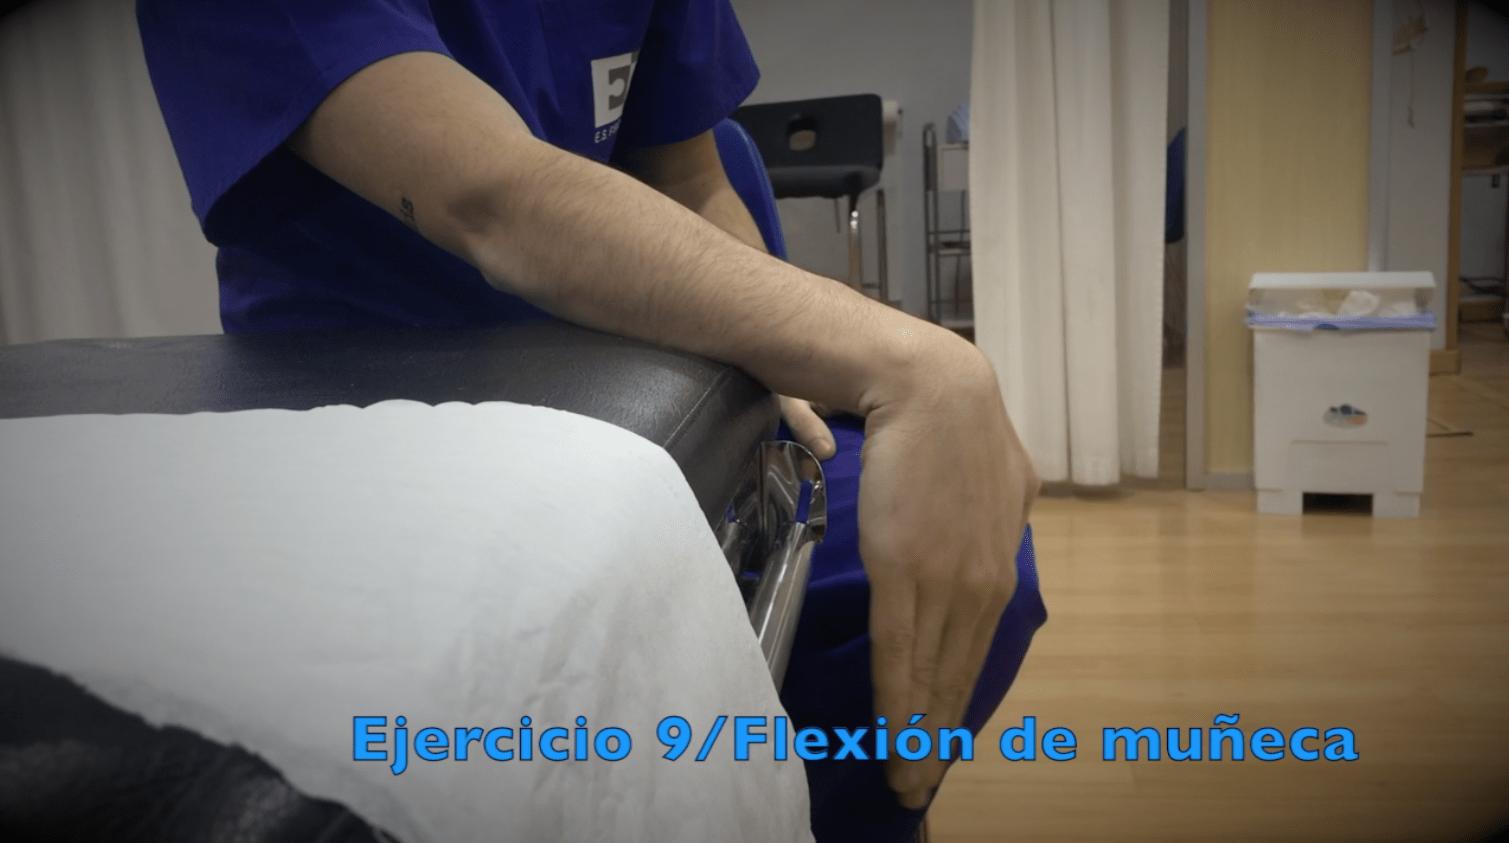 Ejercicios para fractura de muñeca flexion muñeca